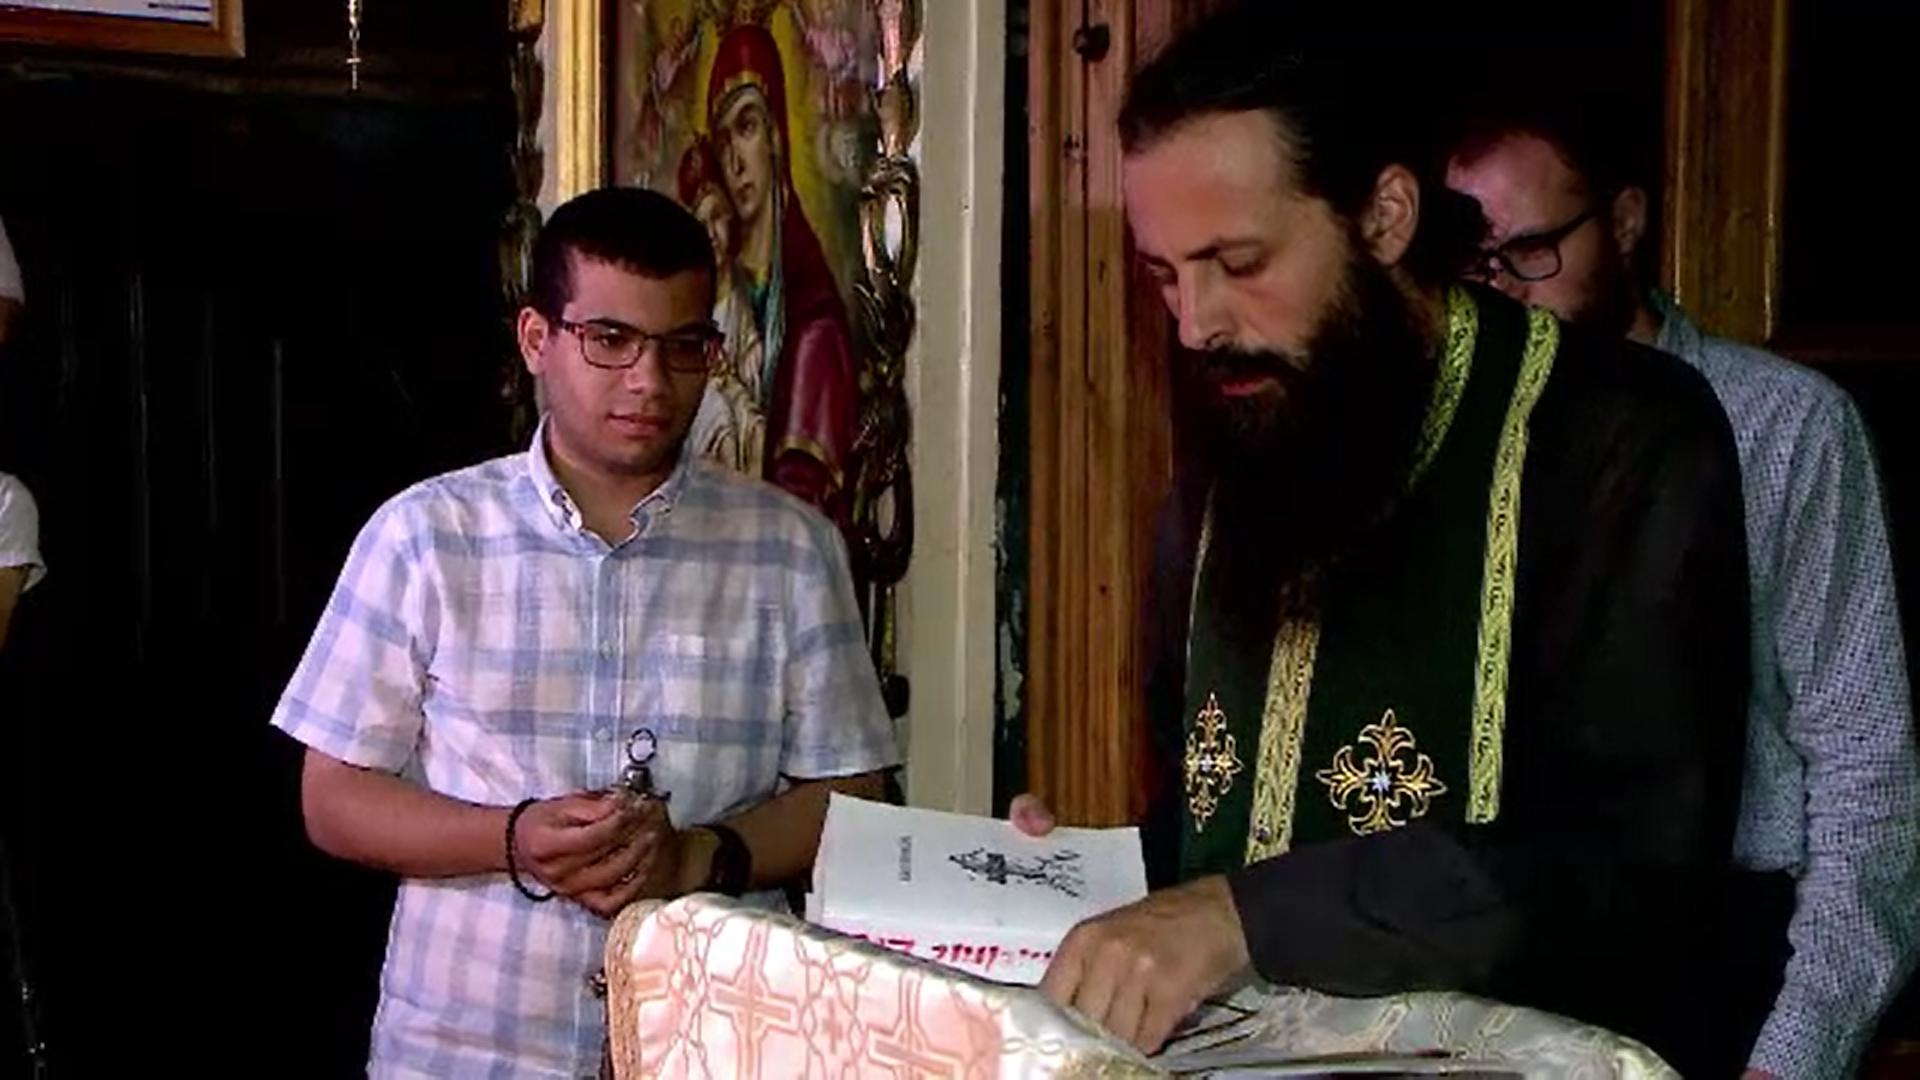 Povestea brazilianului Pedro care lucrează ca paraclisier într-o biserică din Iași